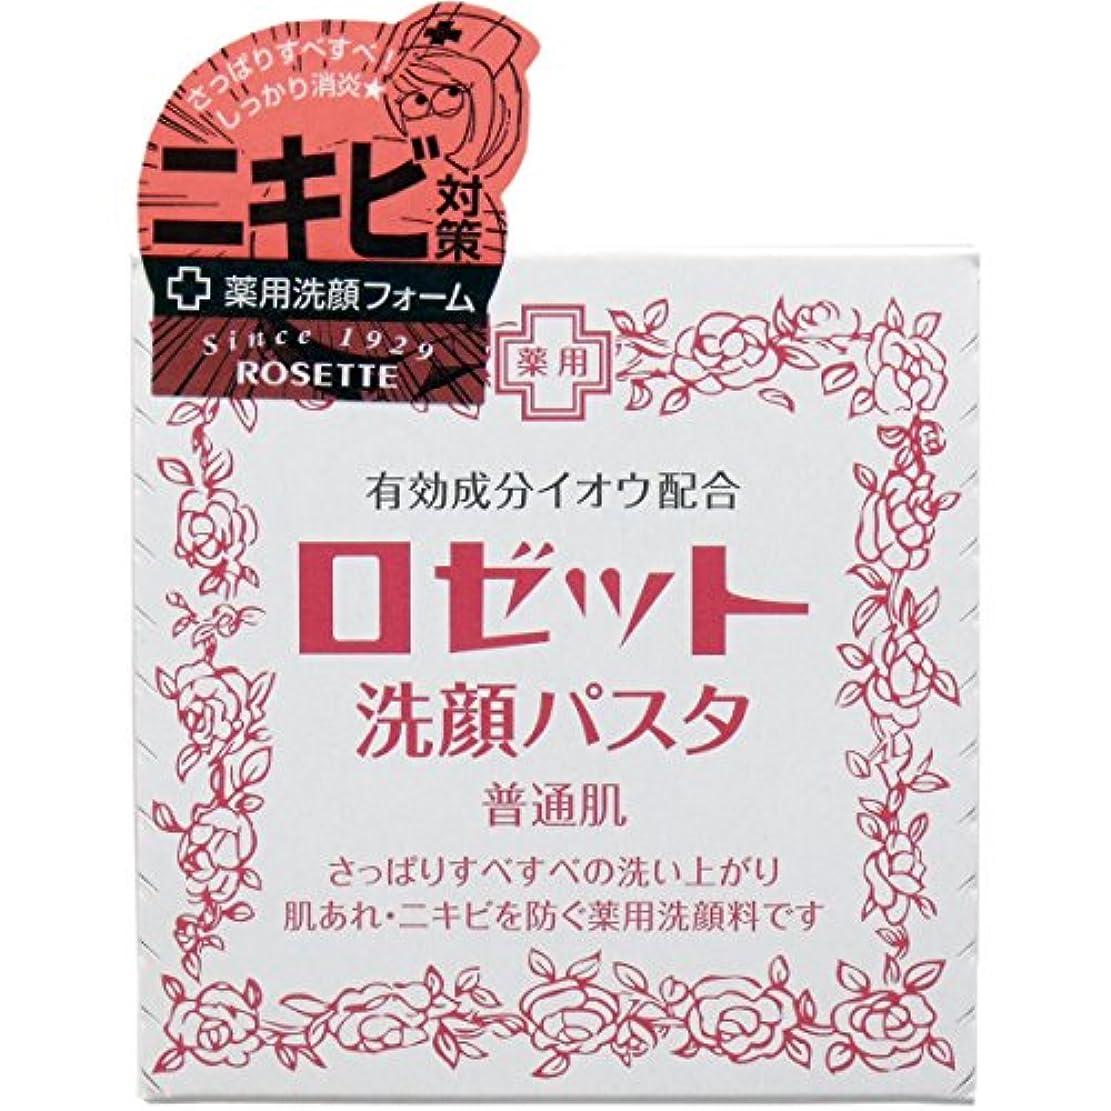 品種環境に優しいアーティストロゼット洗顔パスタ 赤 普通肌 90G × 3個セット